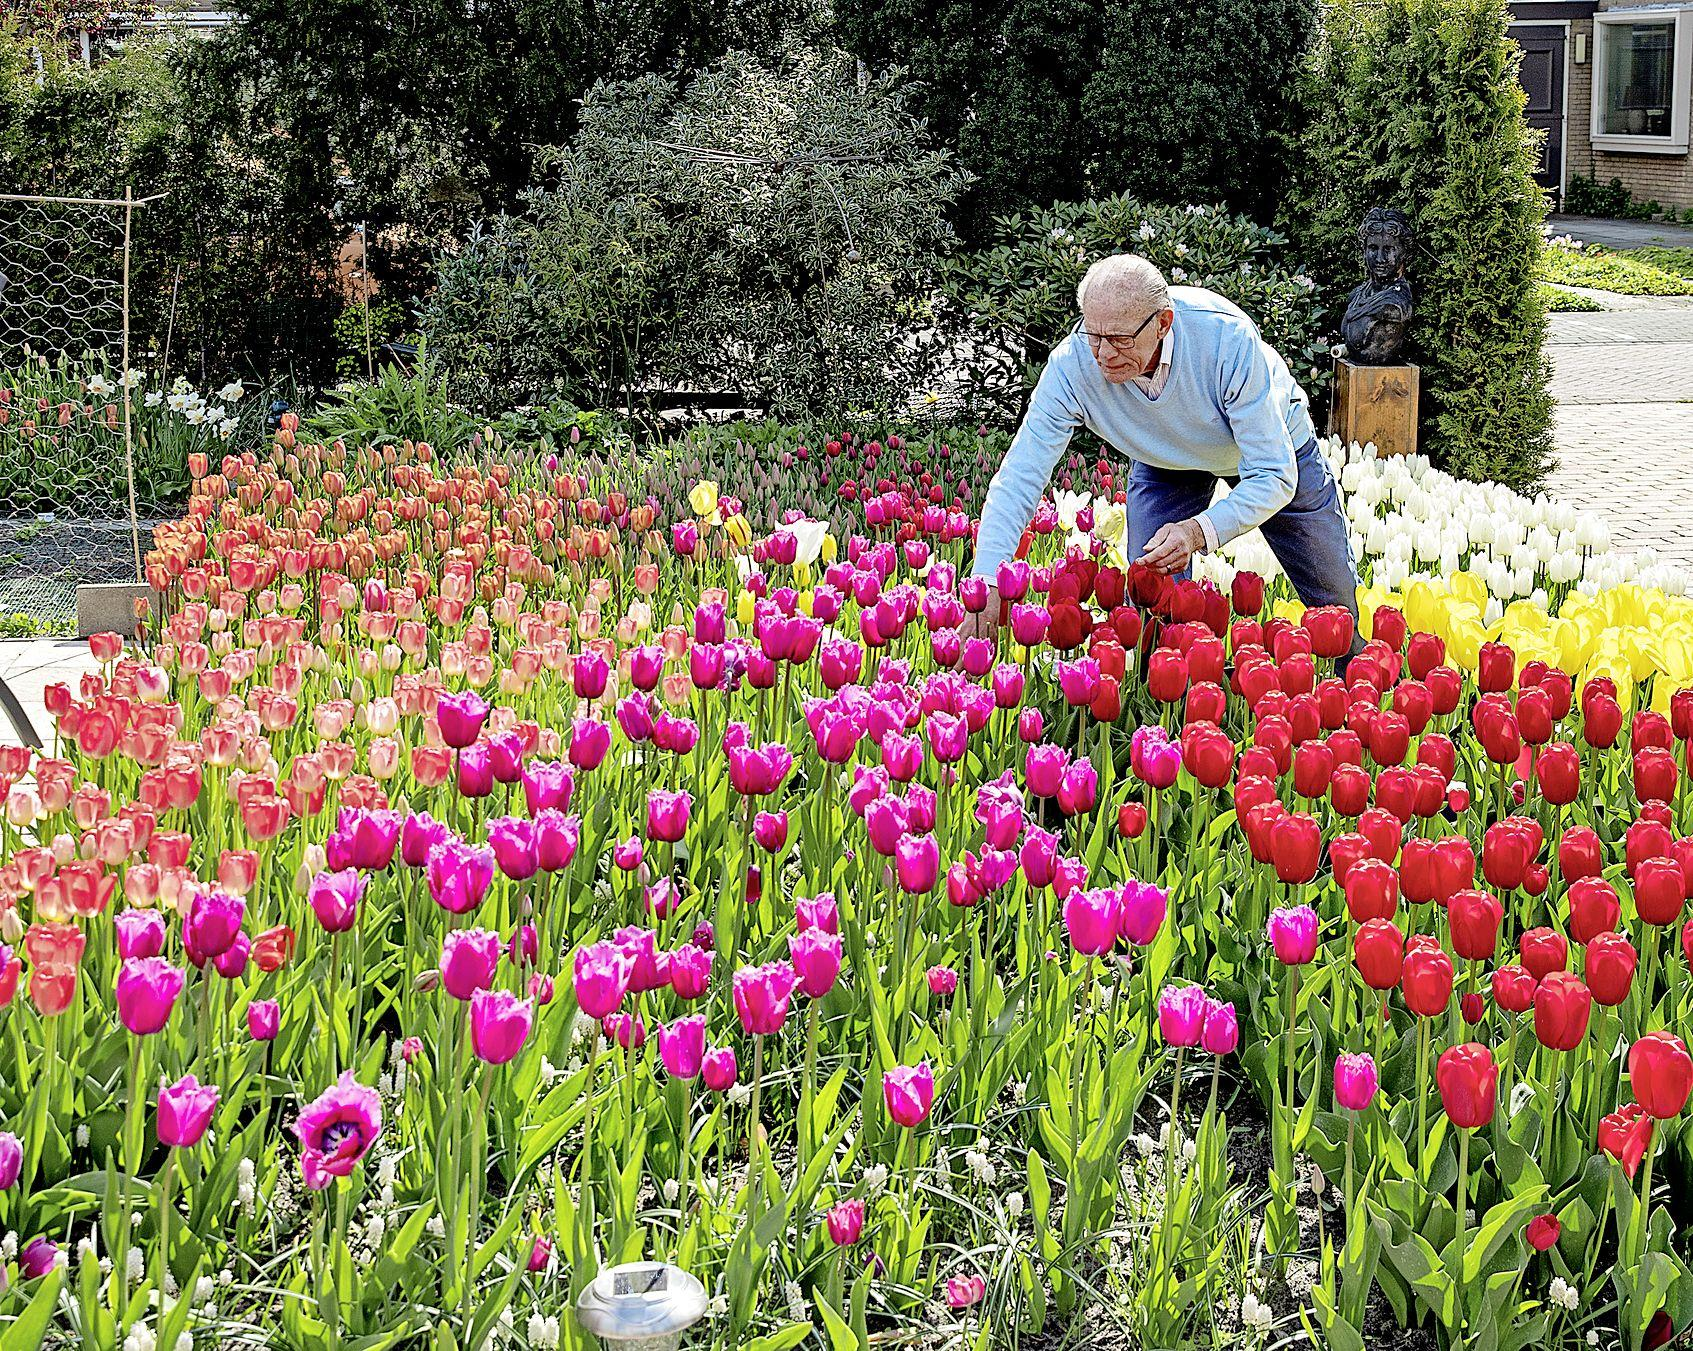 Duizenden tulpen in alle kleuren in tuin Sint Pancras. Co Ridder (83): 'Toen ik begon te spitten zei mijn vrouw dat ik niet goed wijs was'